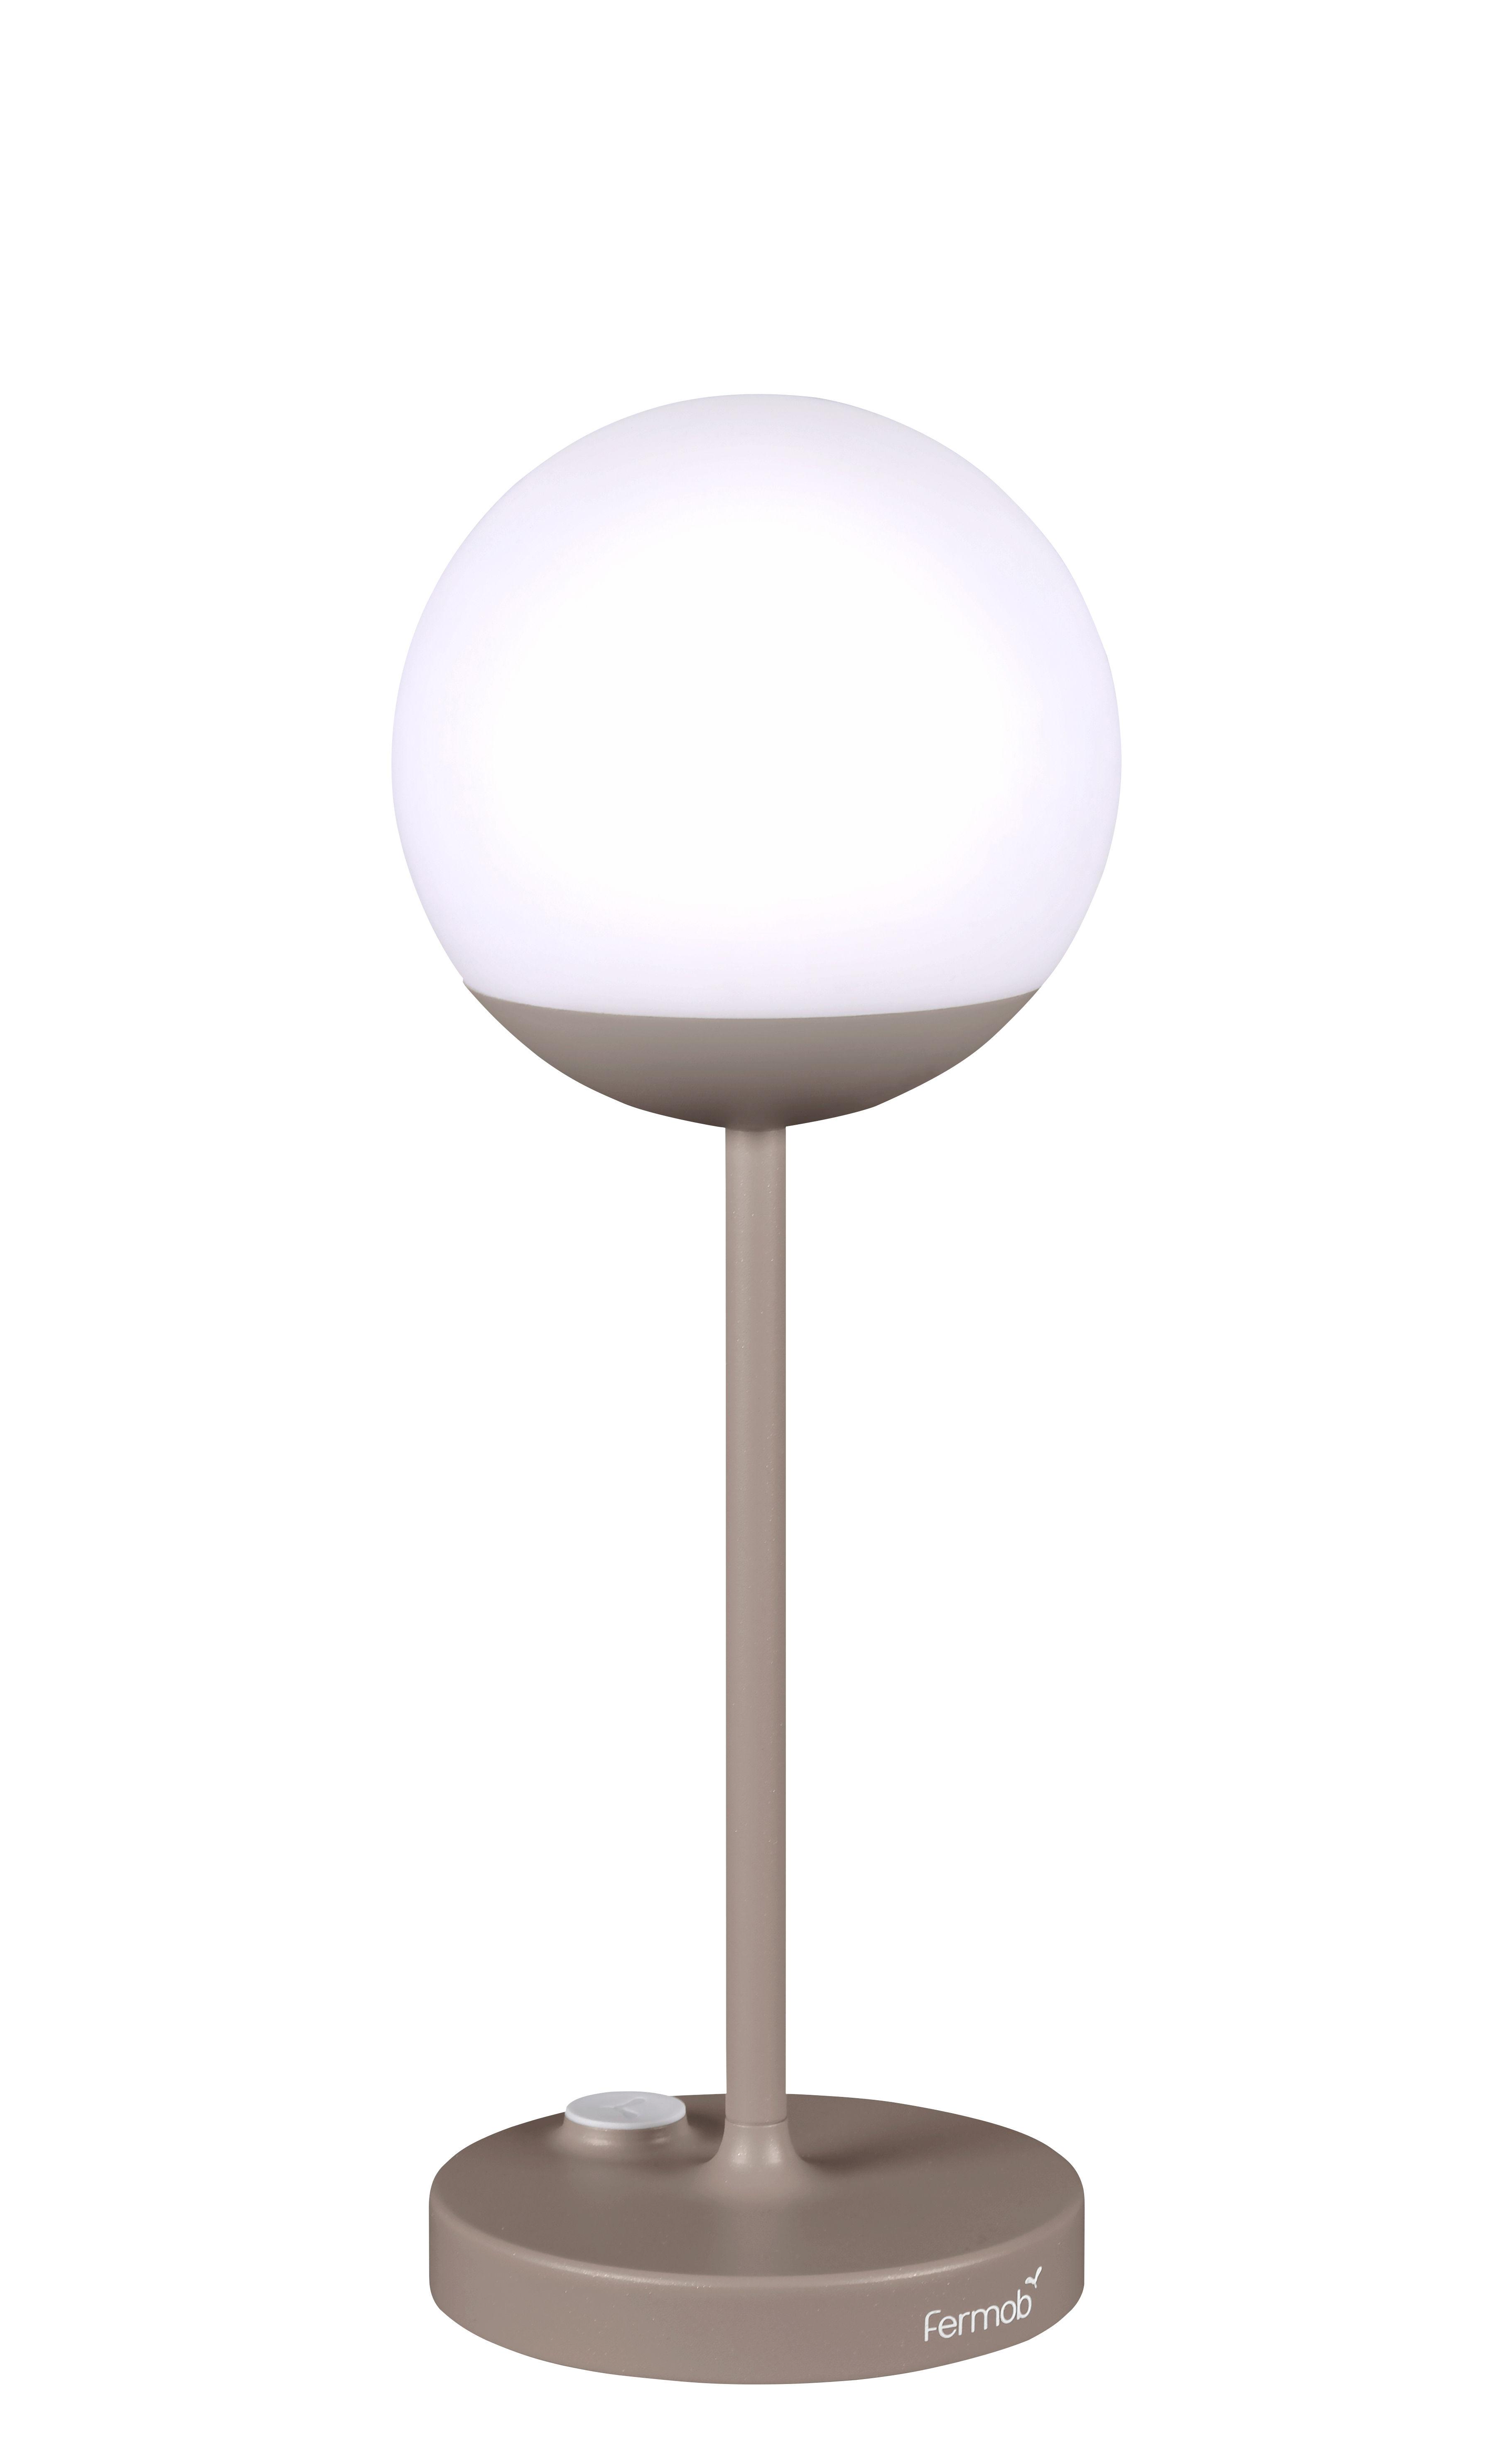 Luminaire - Lampes de table - Lampe sans fil Mooon! LED / H 41 cm - Recharge USB - Fermob - Muscade - Aluminium, Polyéthylène